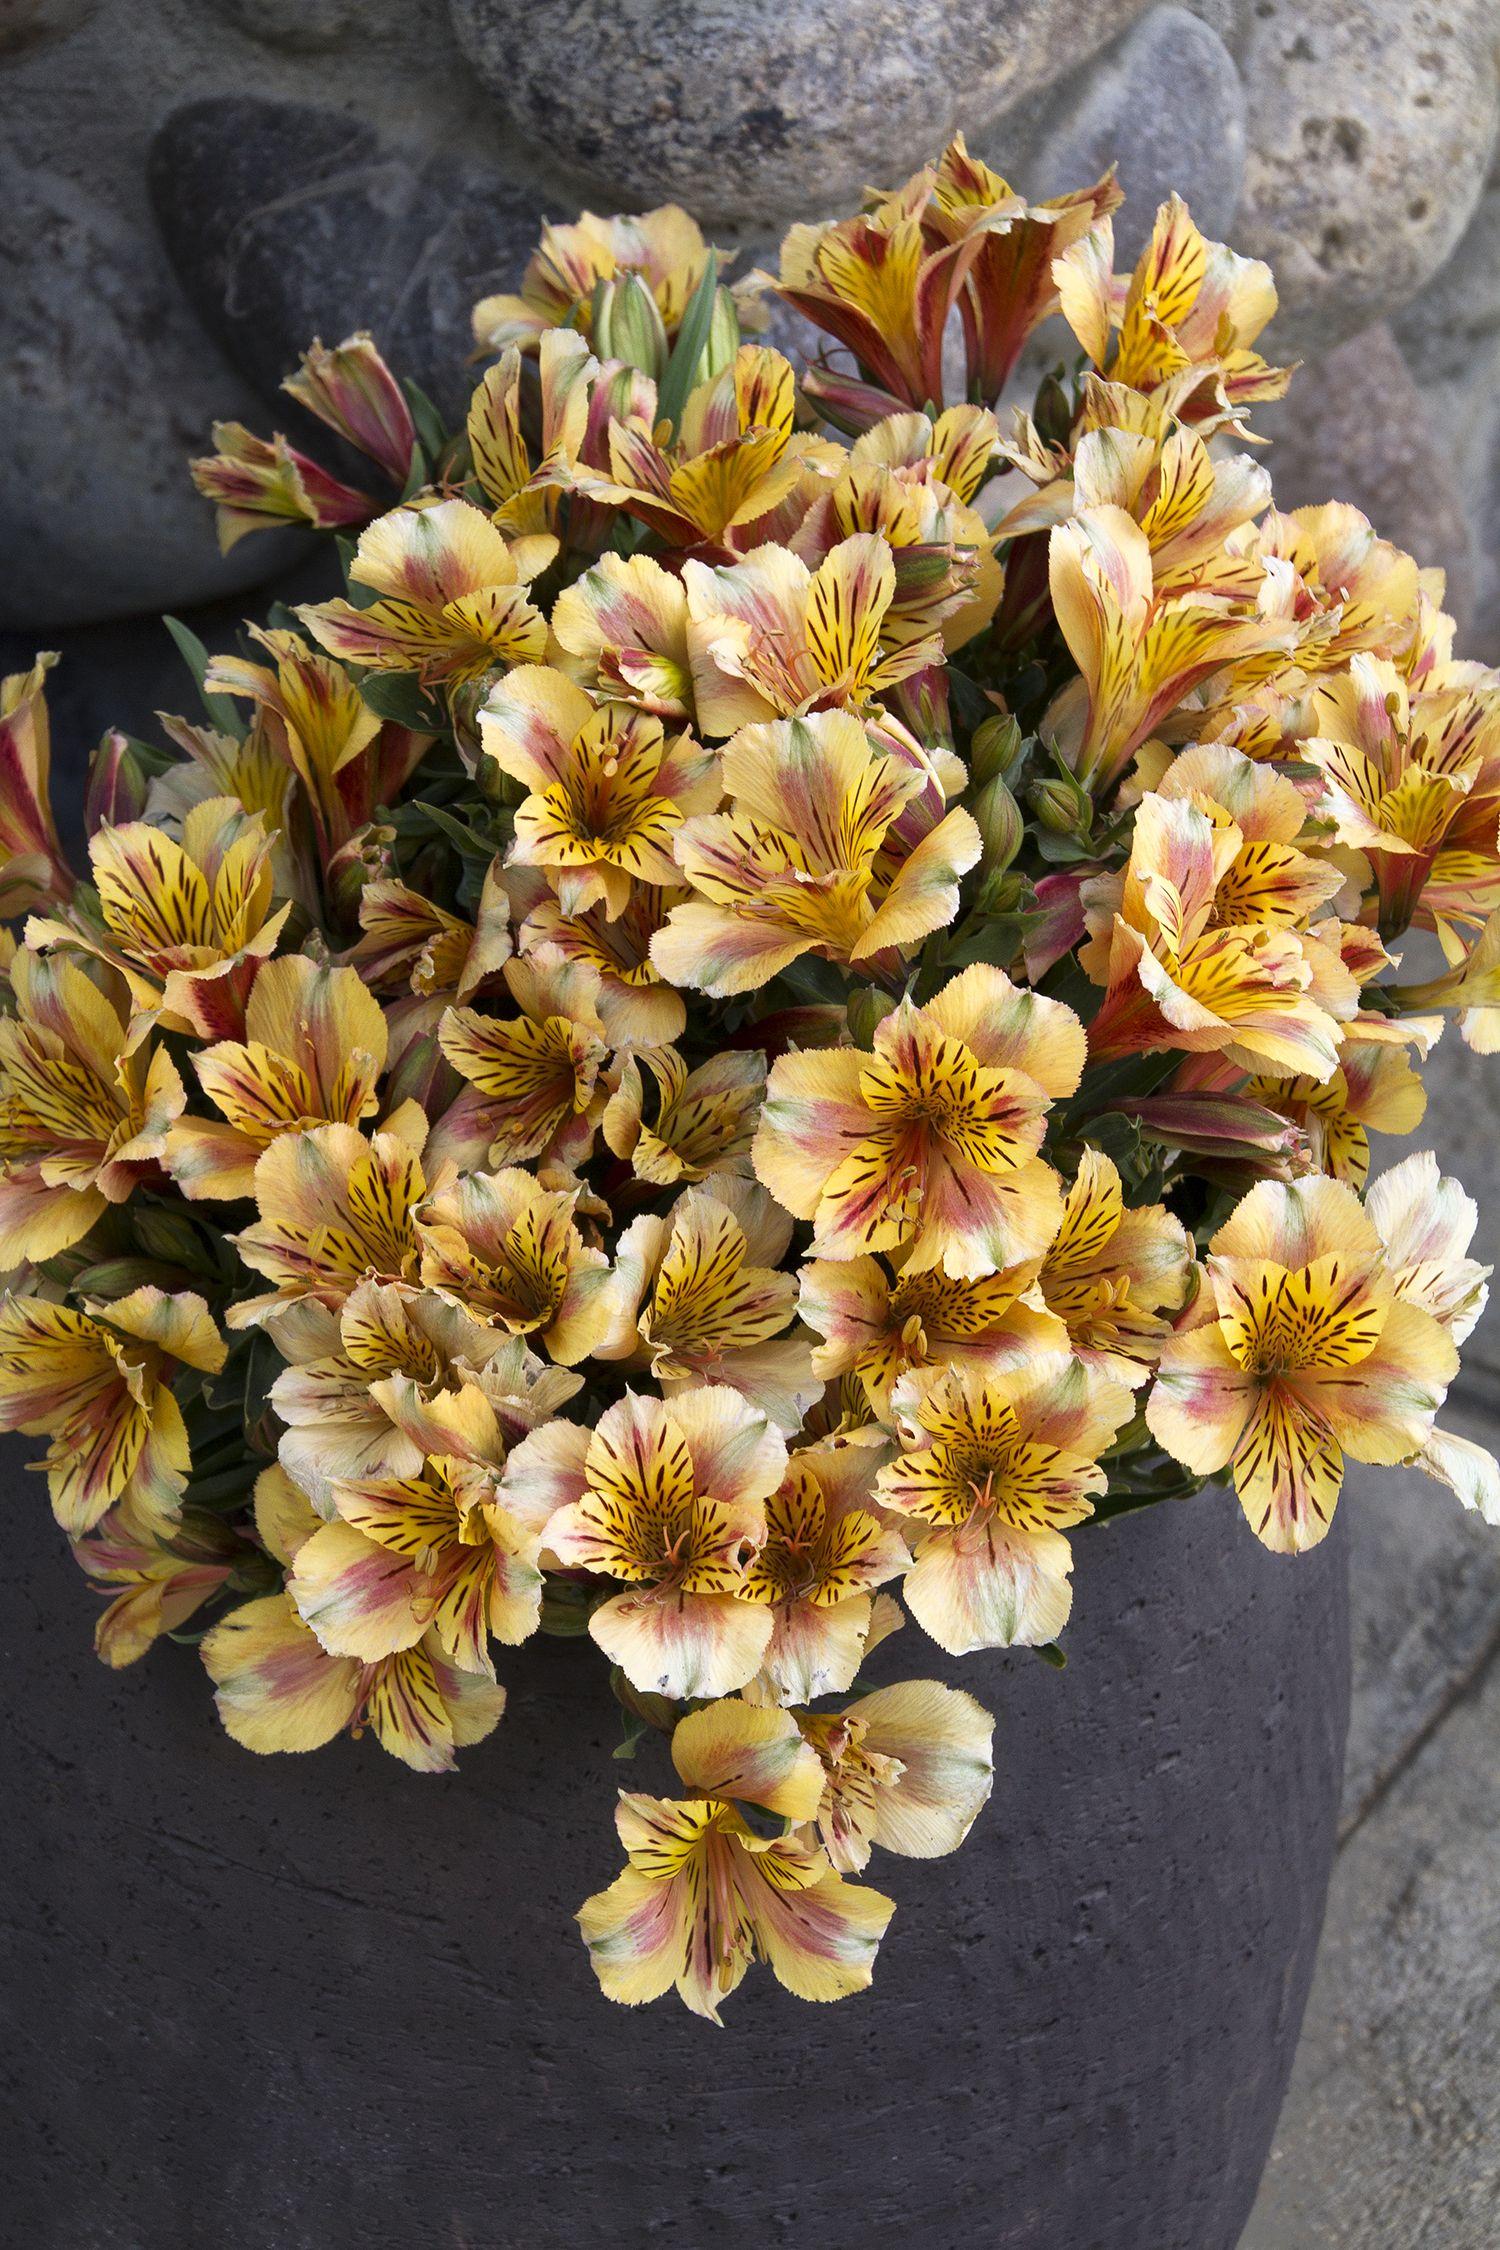 Colorita sara peruvian lily monrovia colorita sara peruvian colorita sara peruvian lily monrovia colorita sara peruvian lily izmirmasajfo